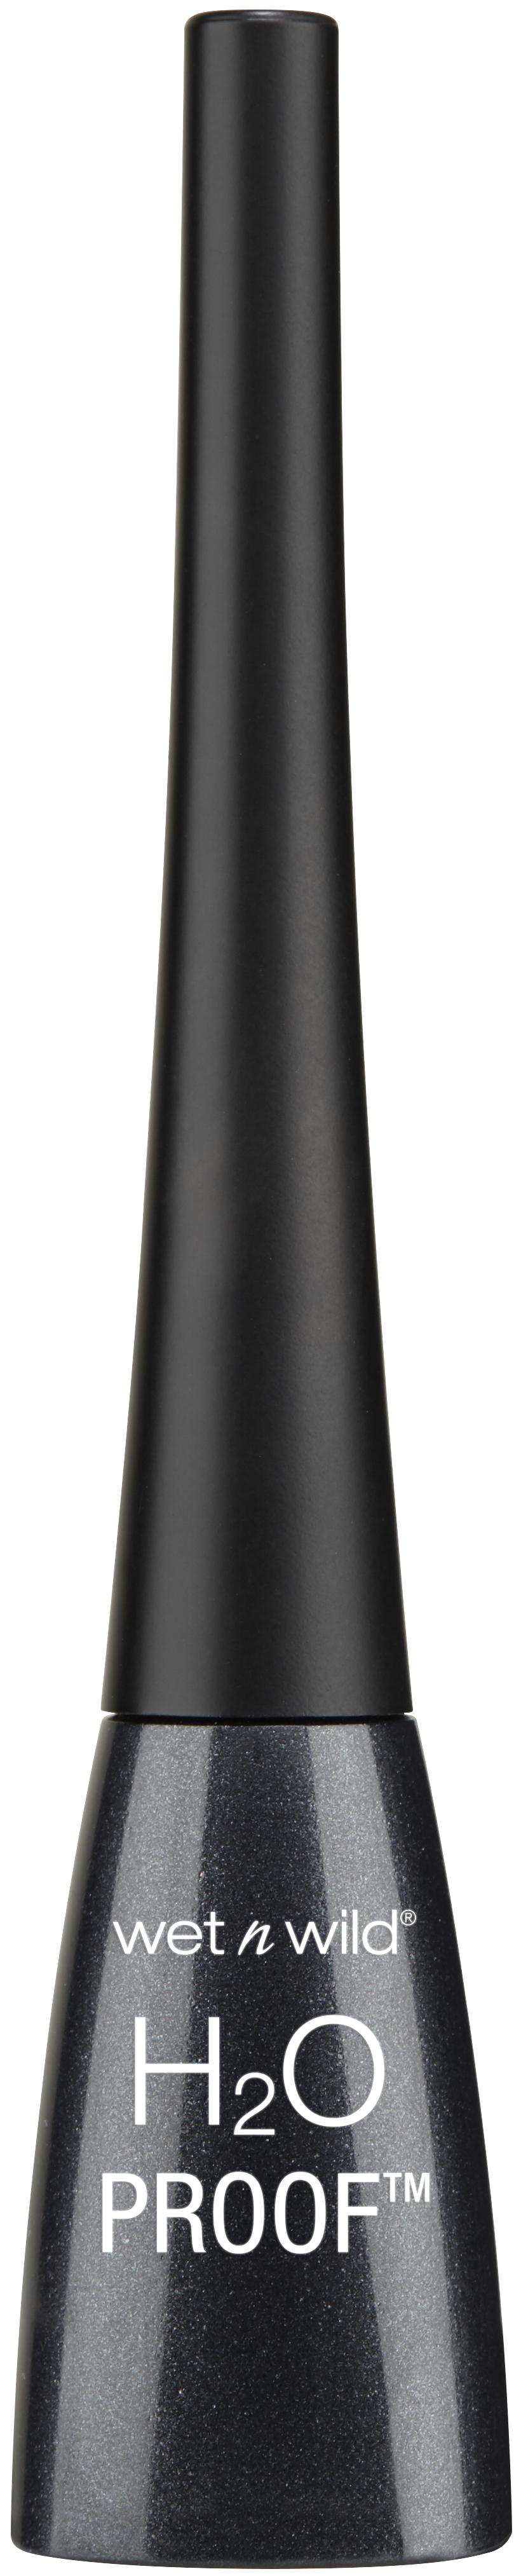 Wet n Wild H20 Proof Eyeliner  Delineador líquido - Negro